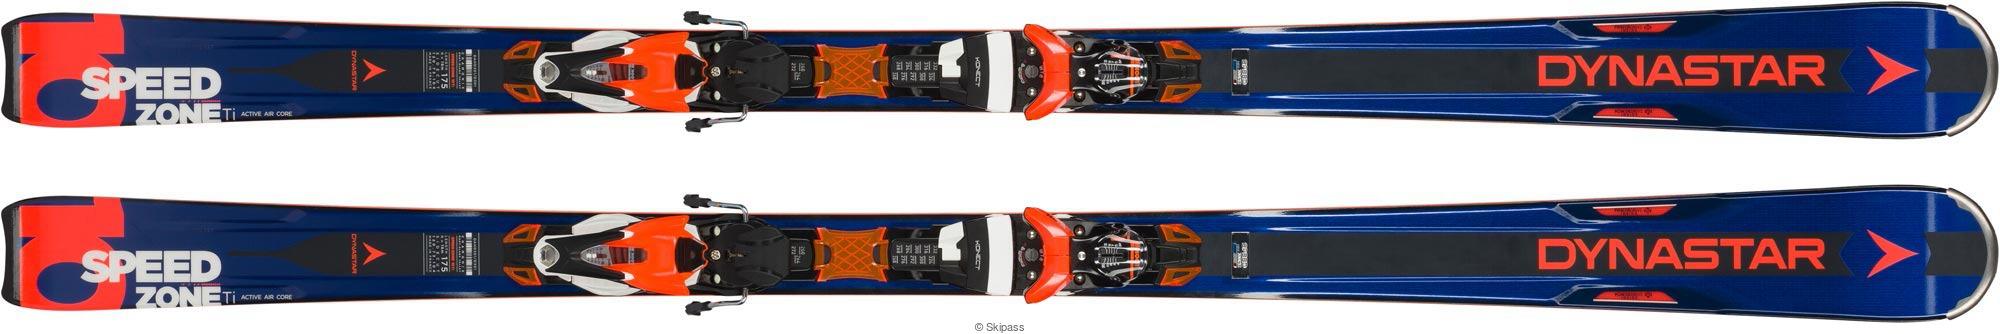 Dynastar Speed Zone 10 Ti